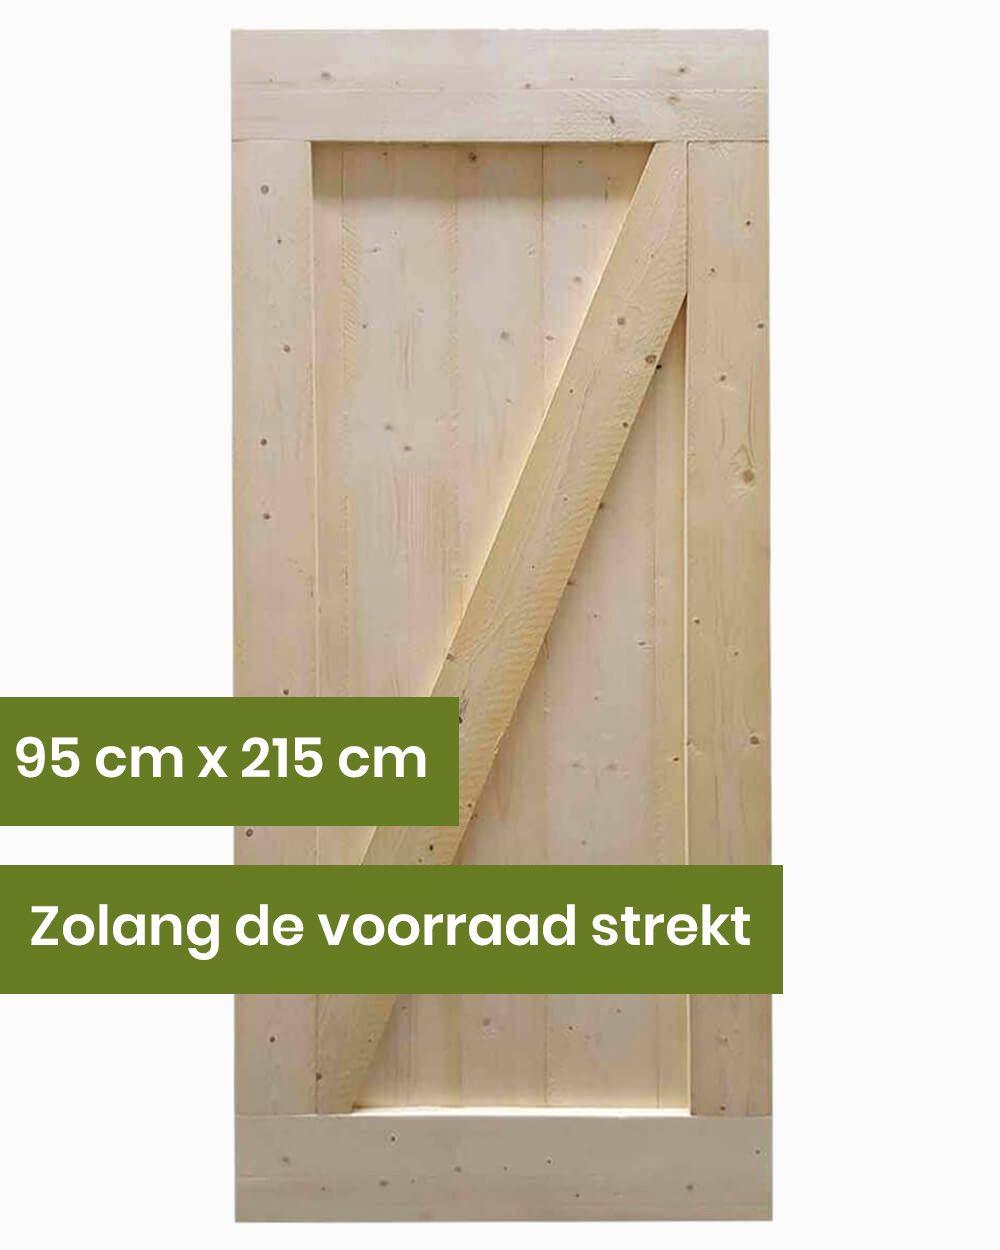 Wandplank 90 Cm Breed.De Actie Van Steigerhout Is Verkrijgbaar In De Maat 95cm X